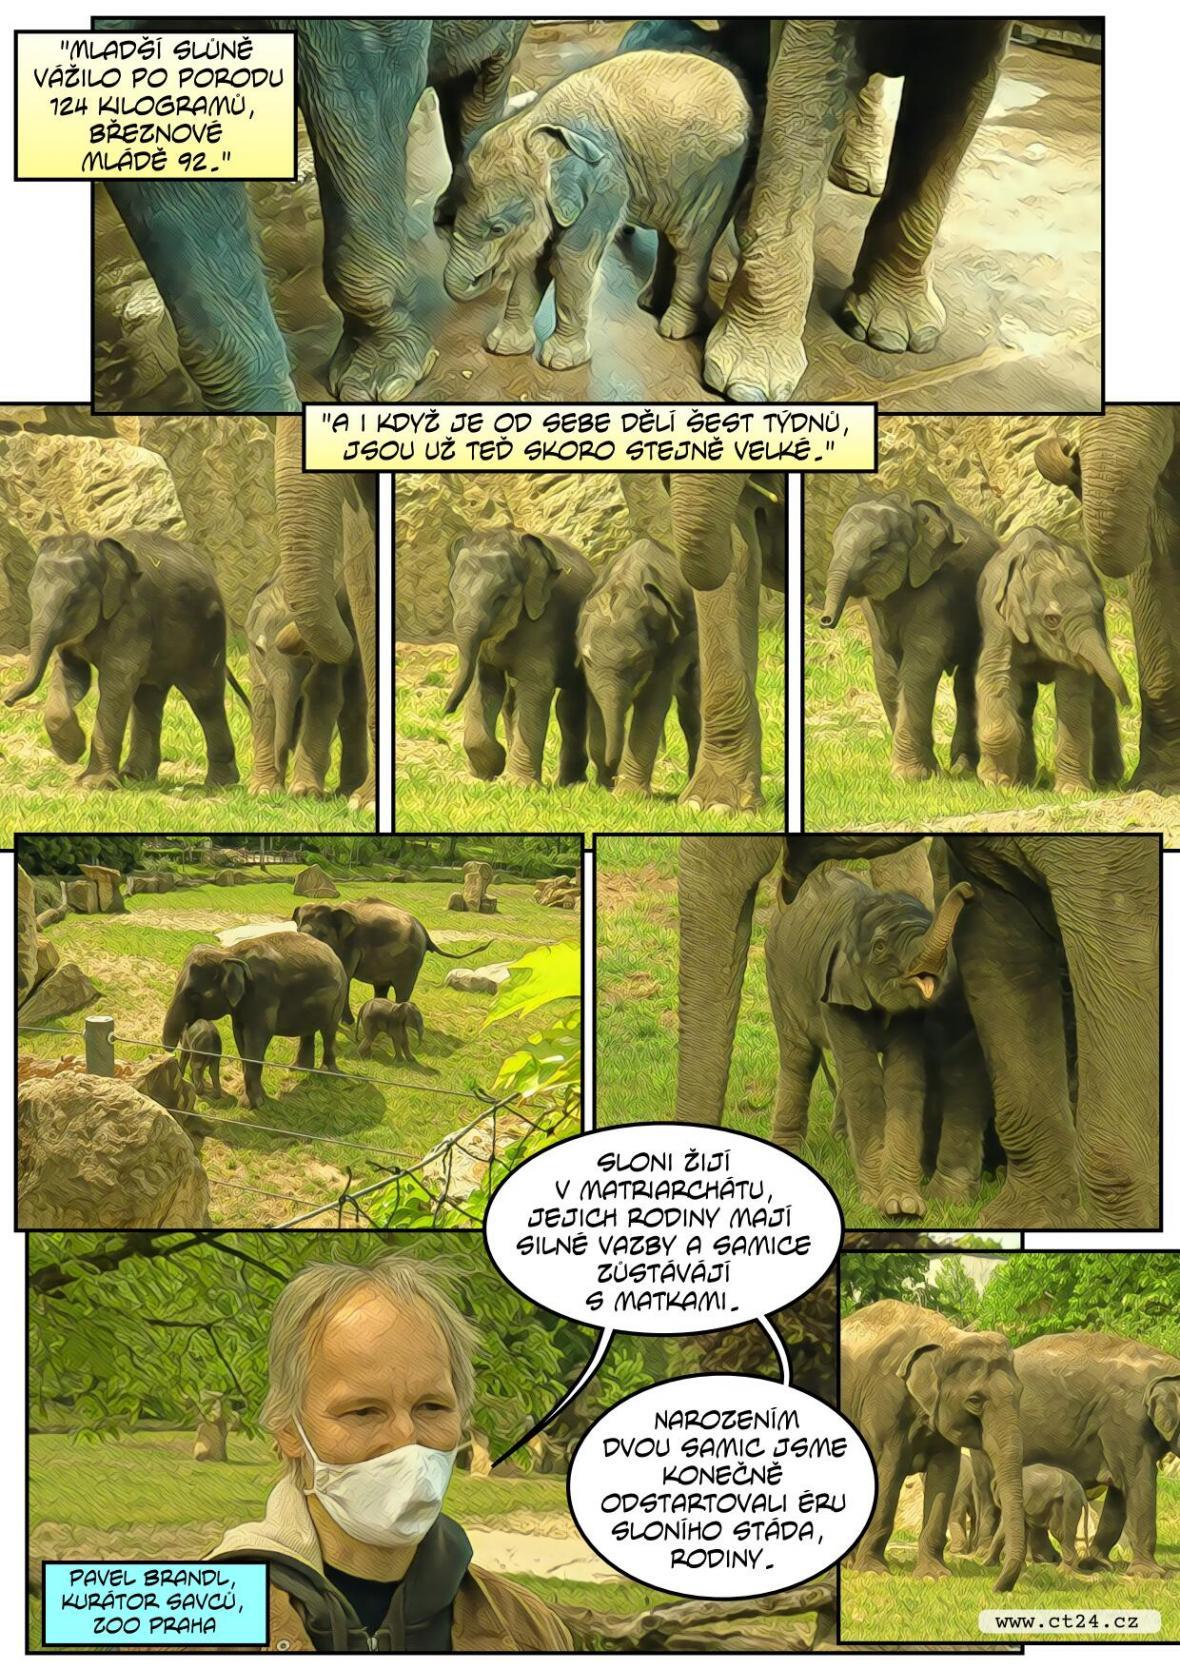 Pražská zoo ukázala druhé slůně